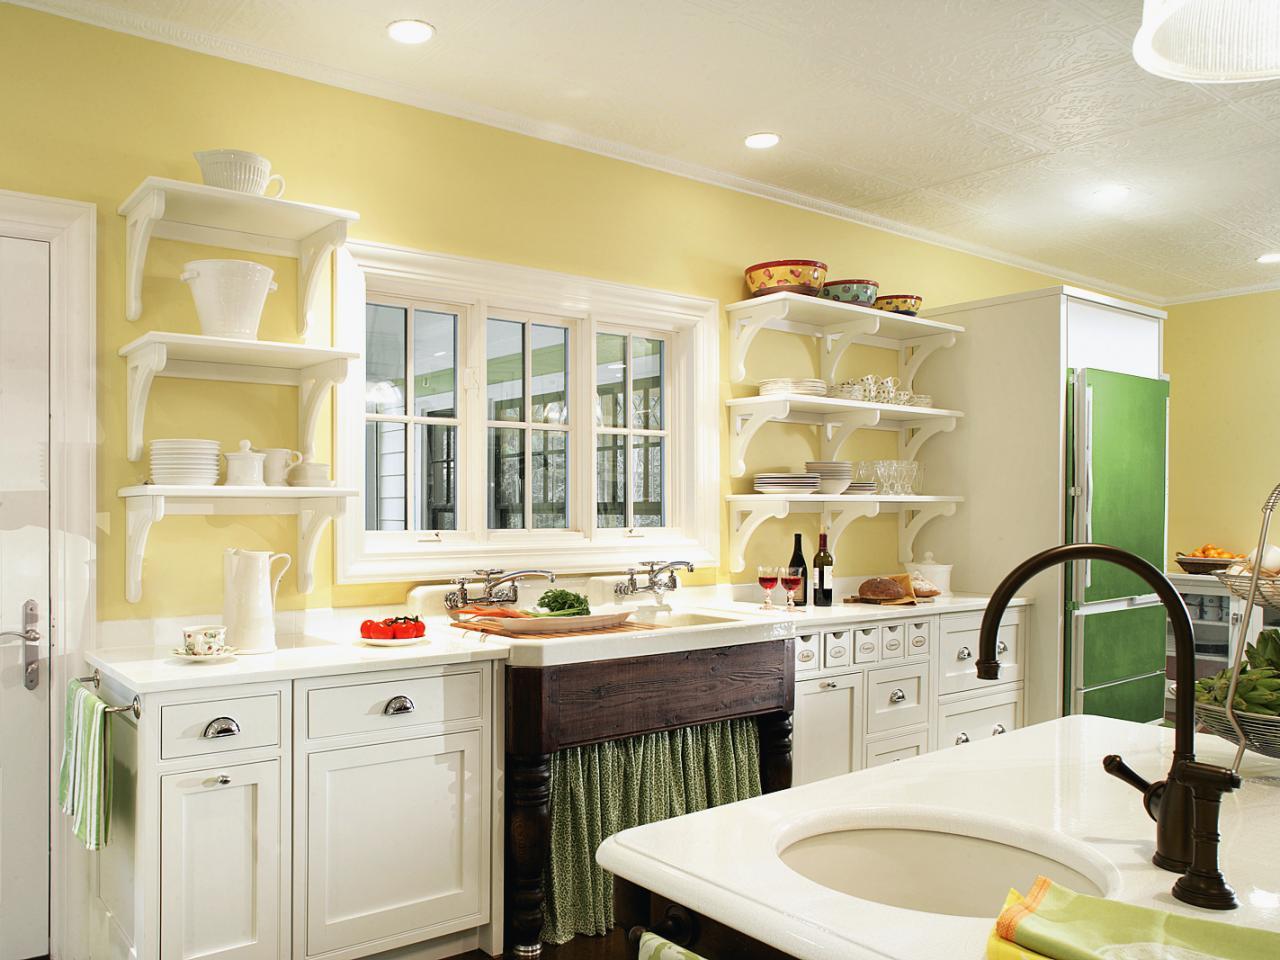 yellow kitchen.jpeg